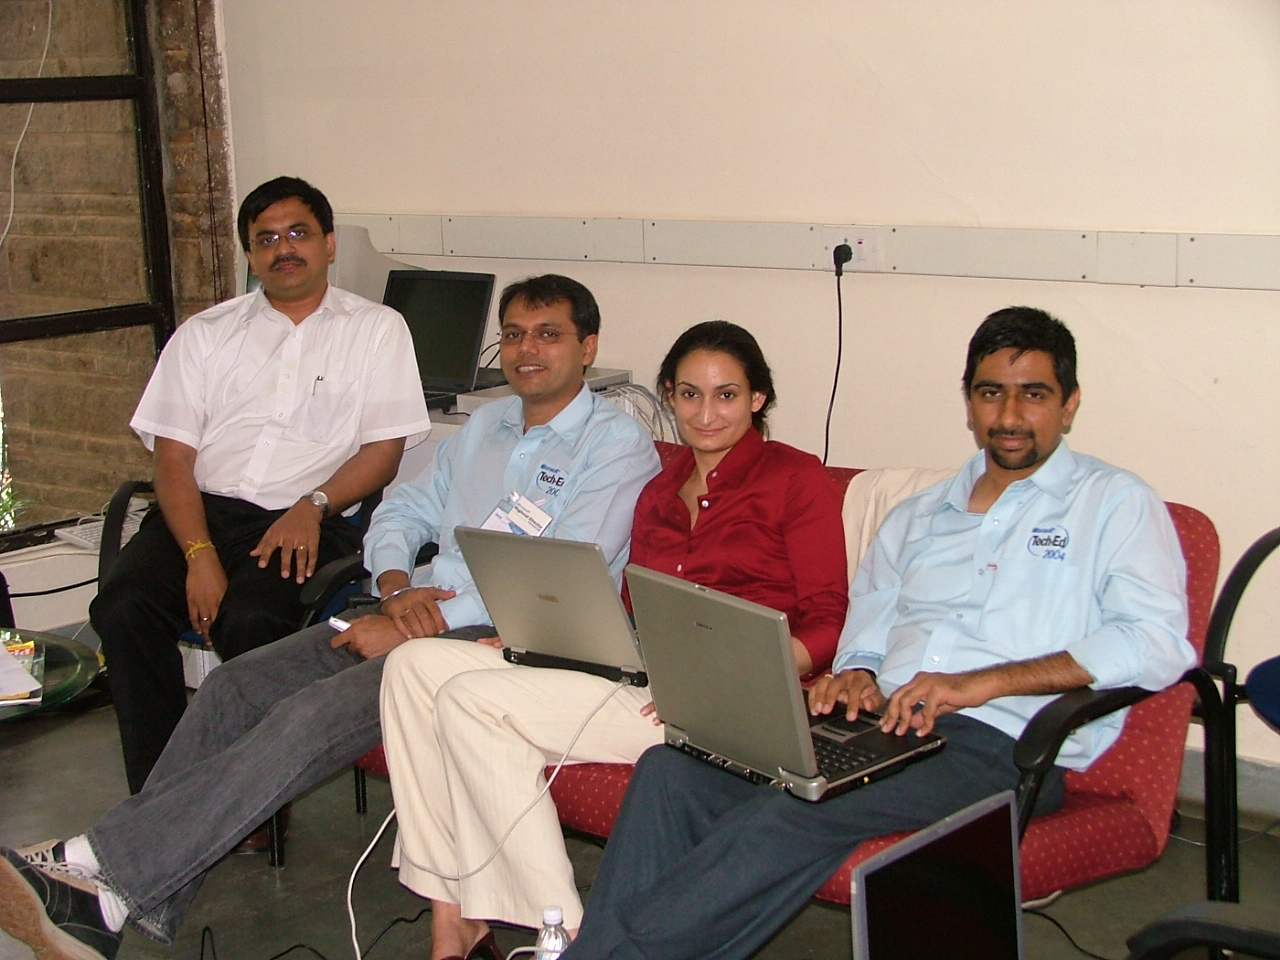 (From Left to Right, Myself, Sanjay Shetty, Sheila Gulati and Praveen Srivatsa)